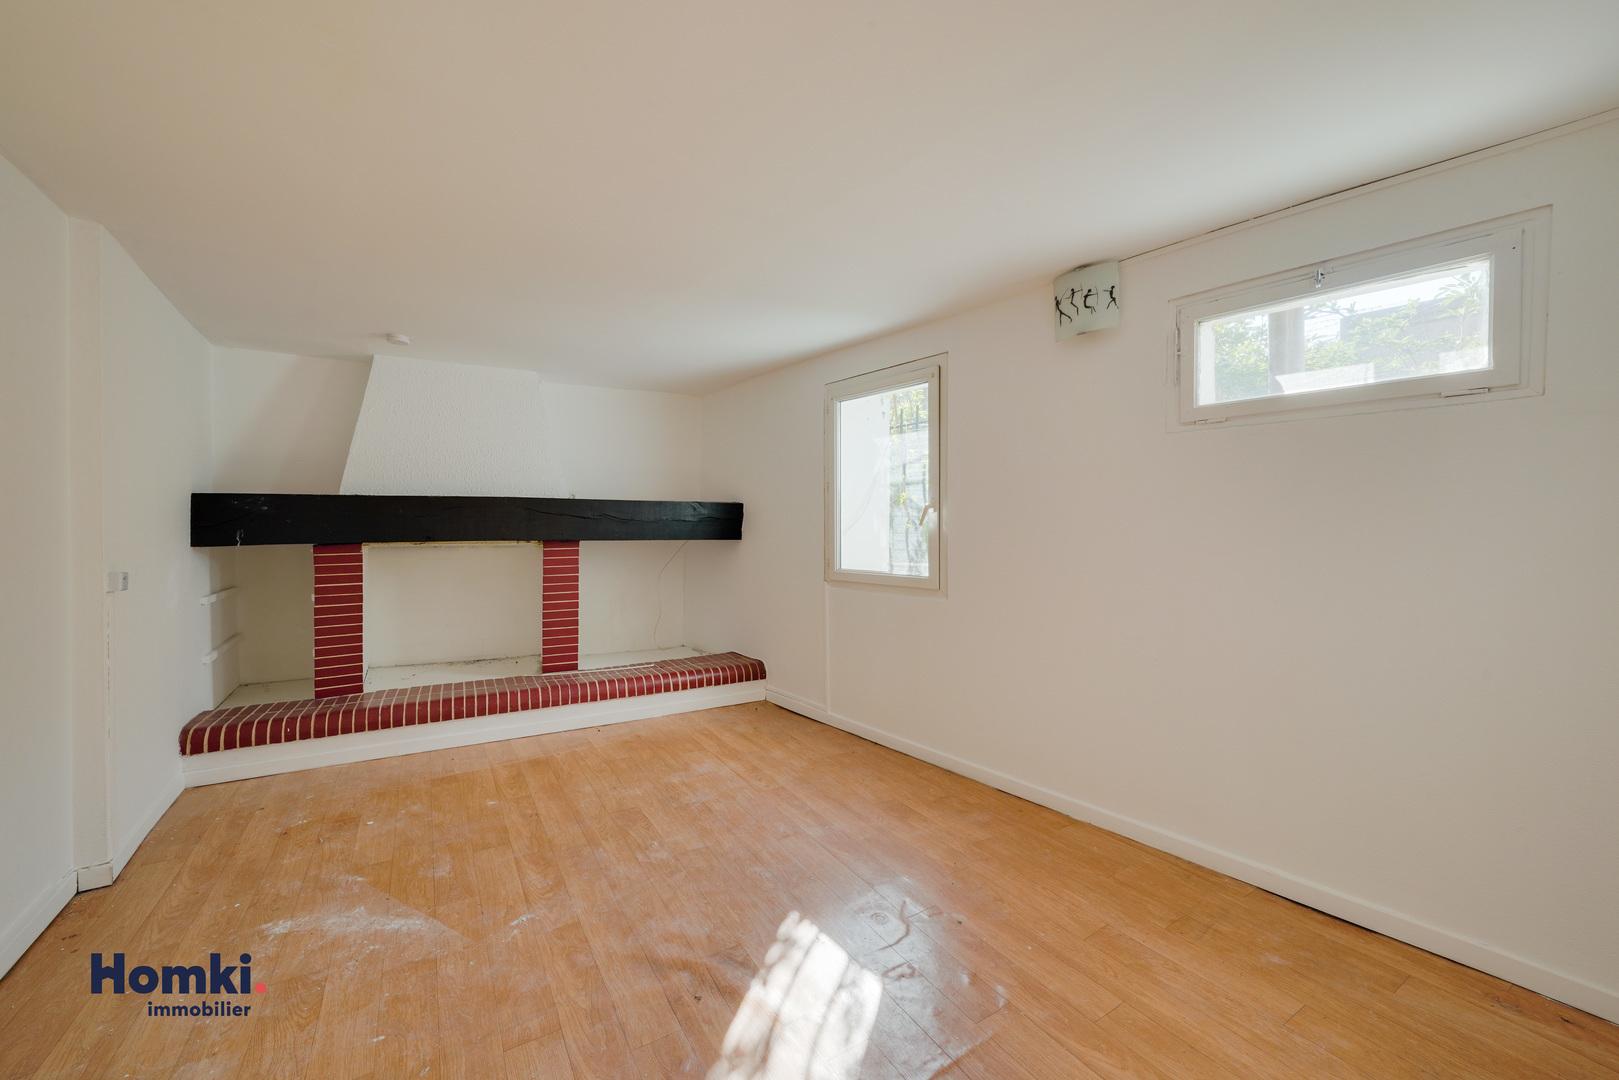 Vente Appartement 75 m² T3 13011_6